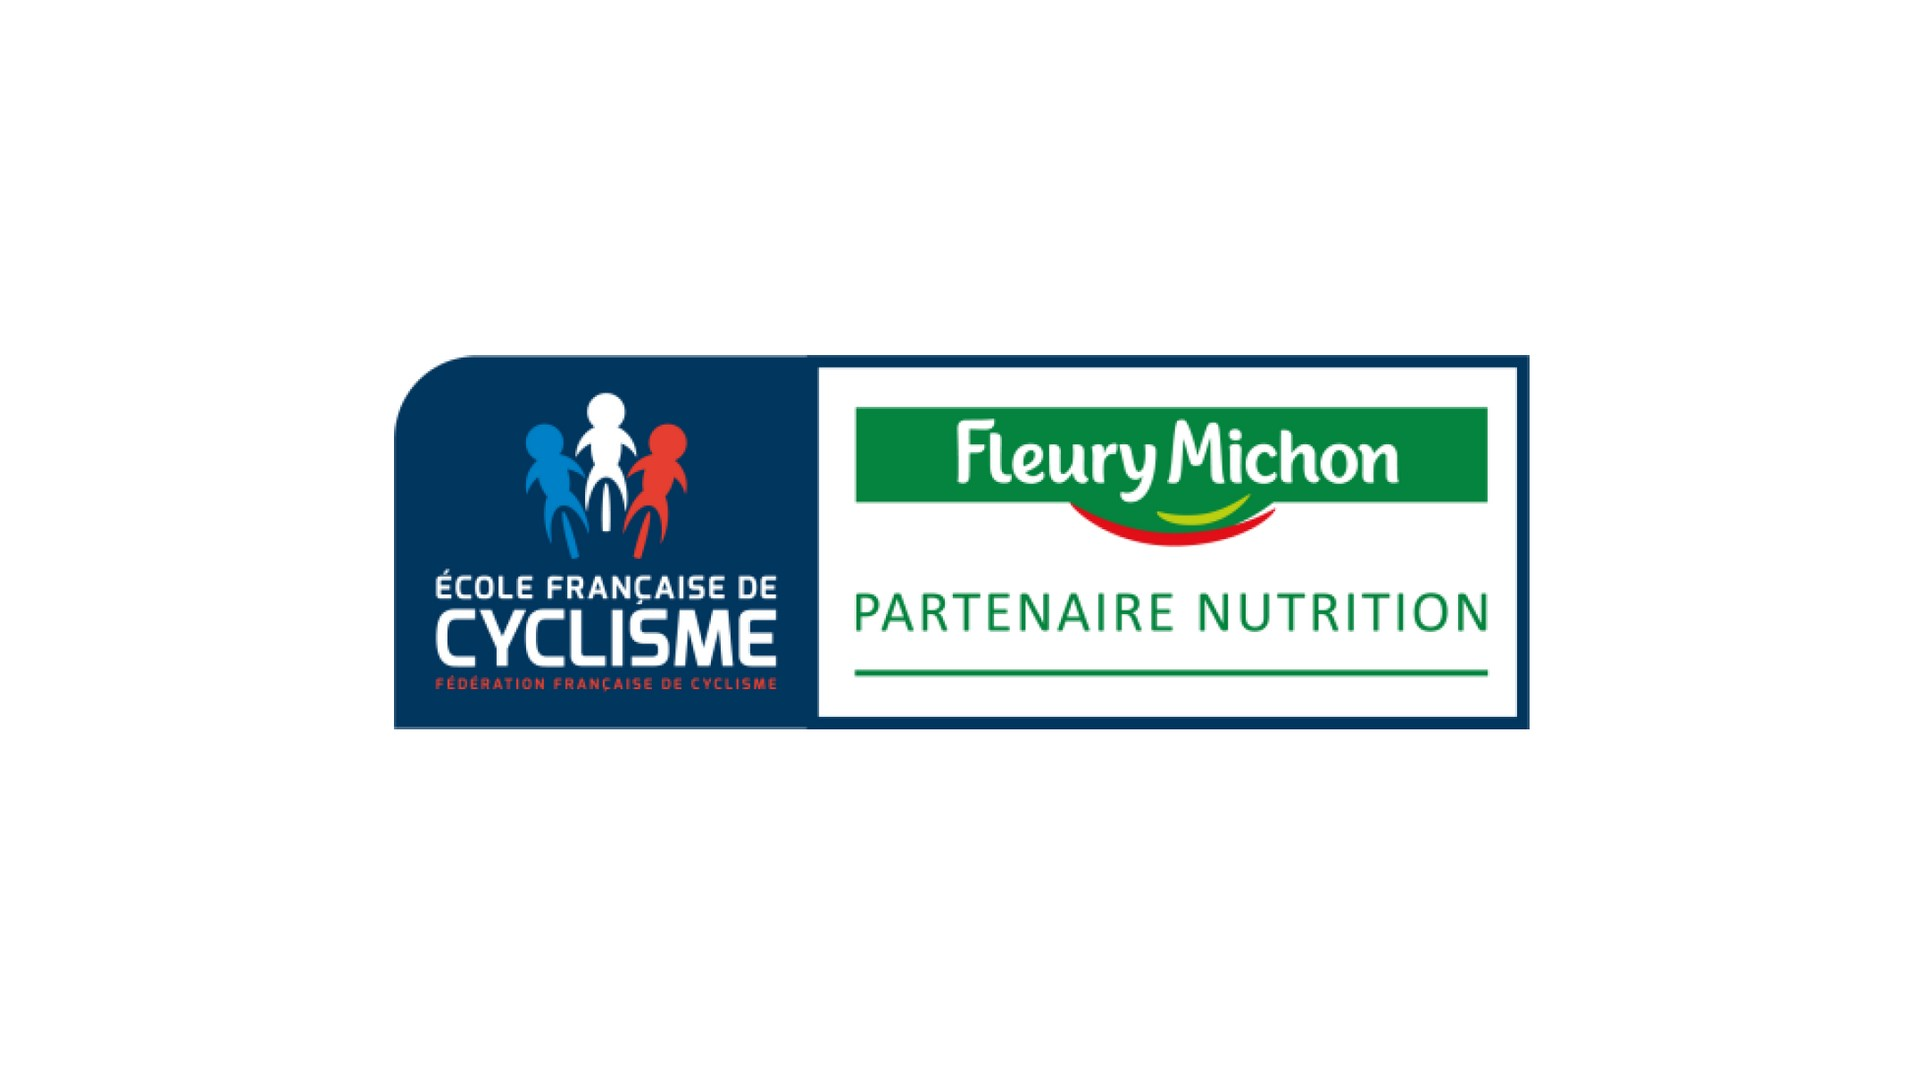 Fleury Michon x FF Cyclisme 2020